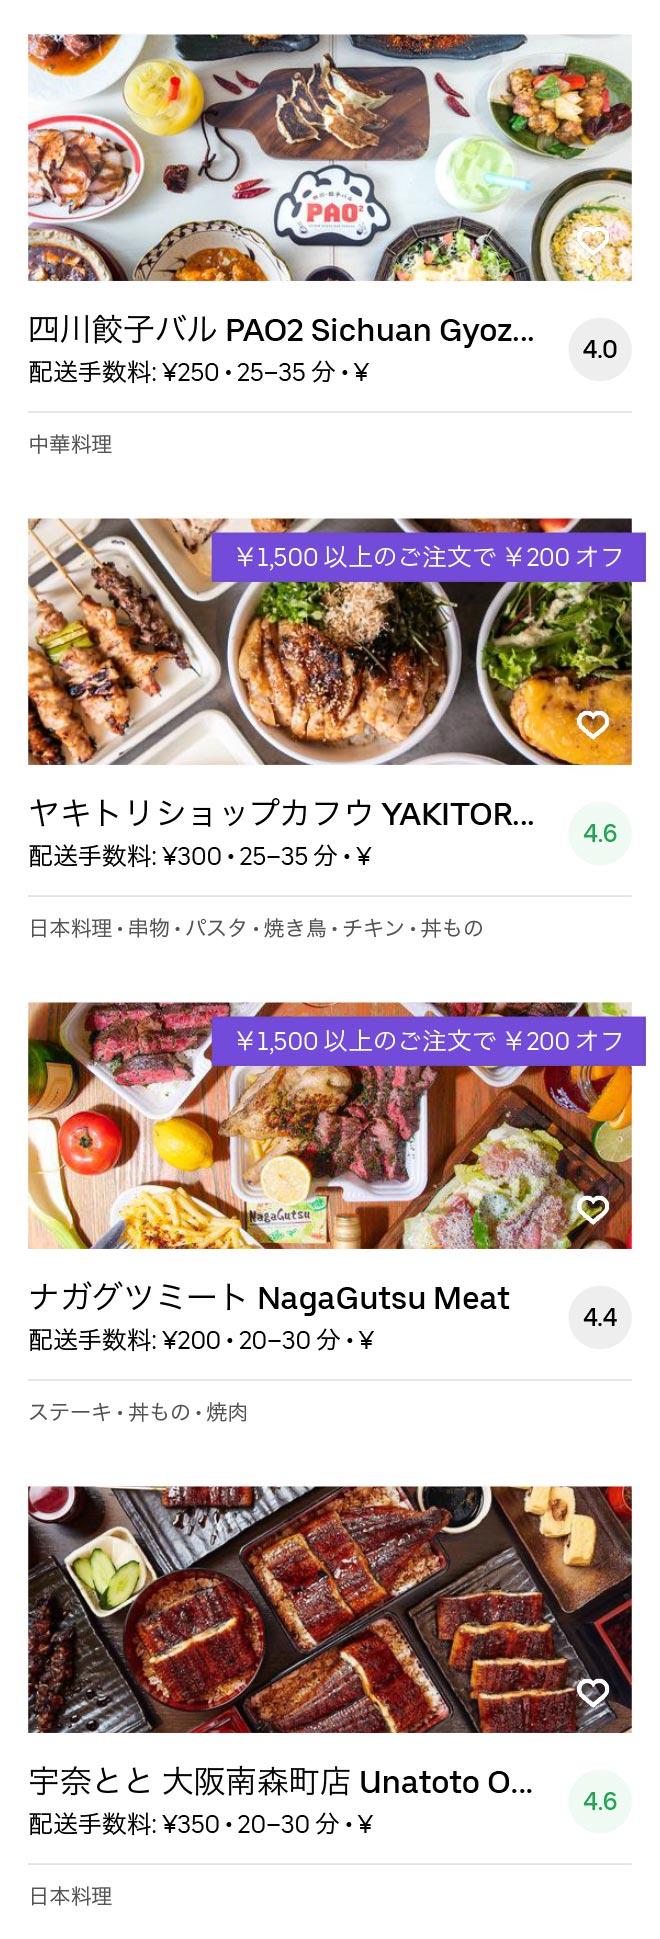 Osaka shin osaka menu 2005 08